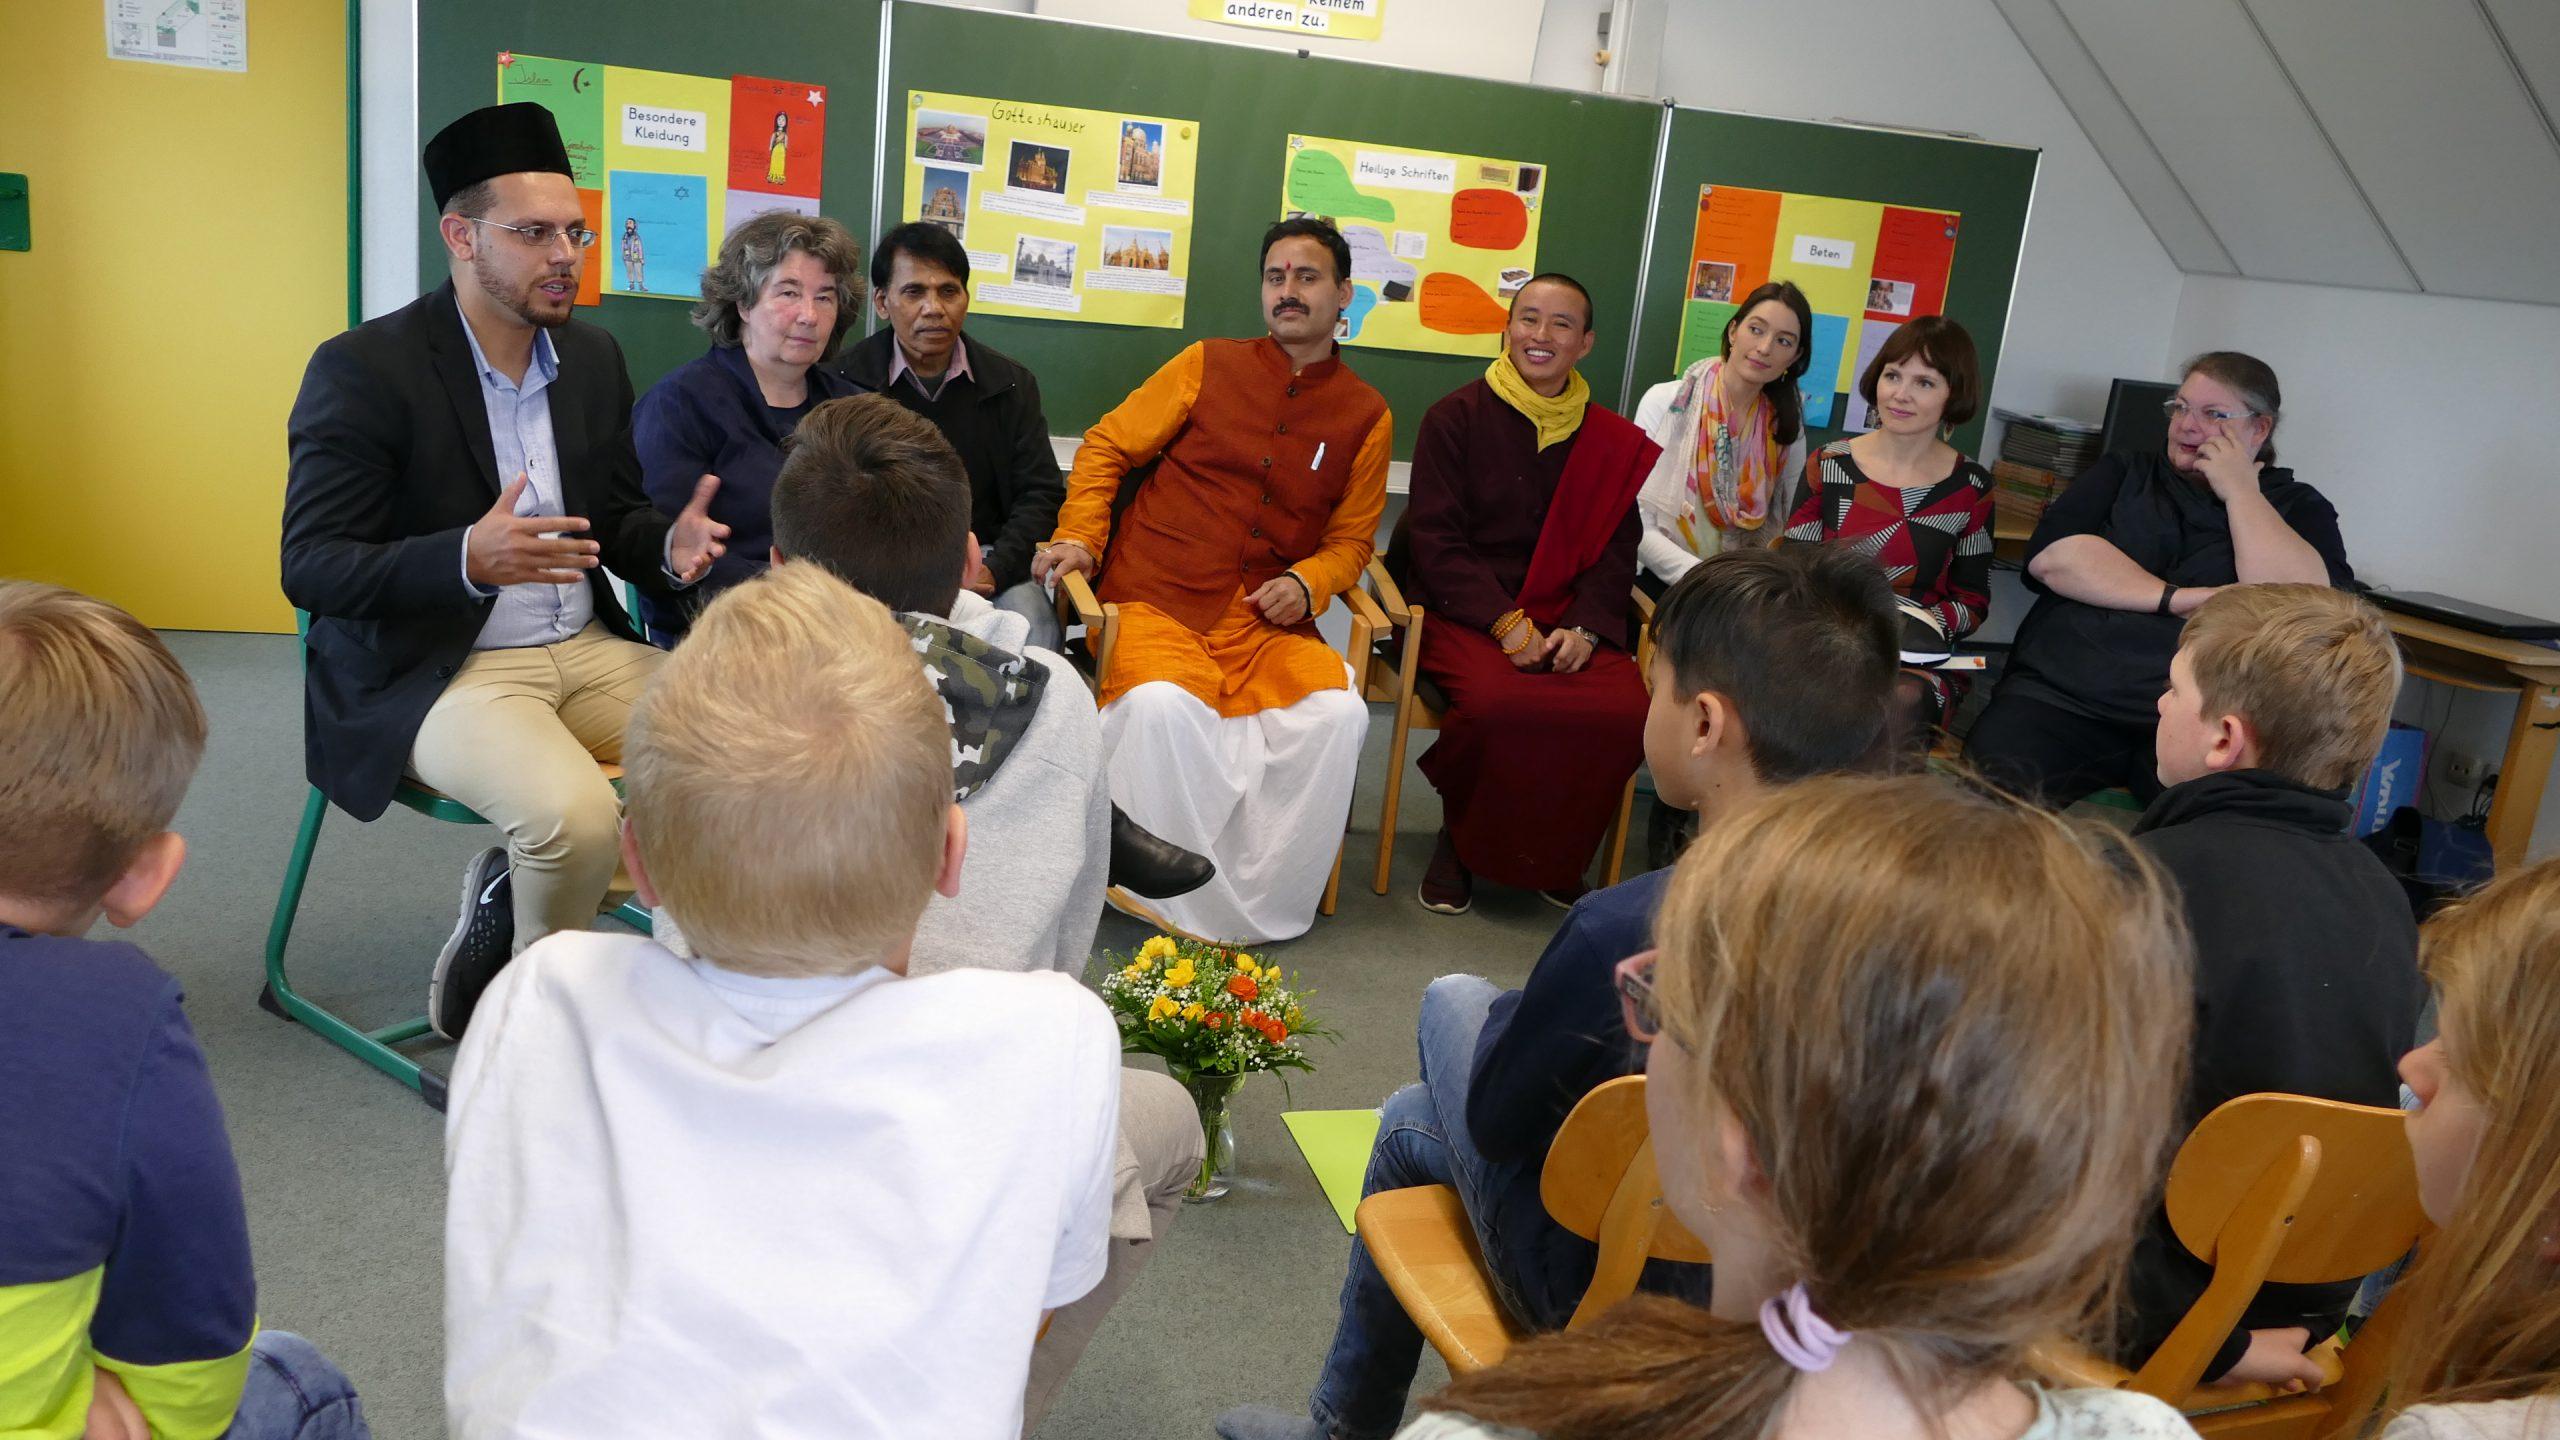 Der Höhepunkt jeder Projektwoche ist eine Gesprächsrunde mit authentischen Religionsvertretern die die Fragen der Schülerinnen und Schüler beantworten Foto: ein